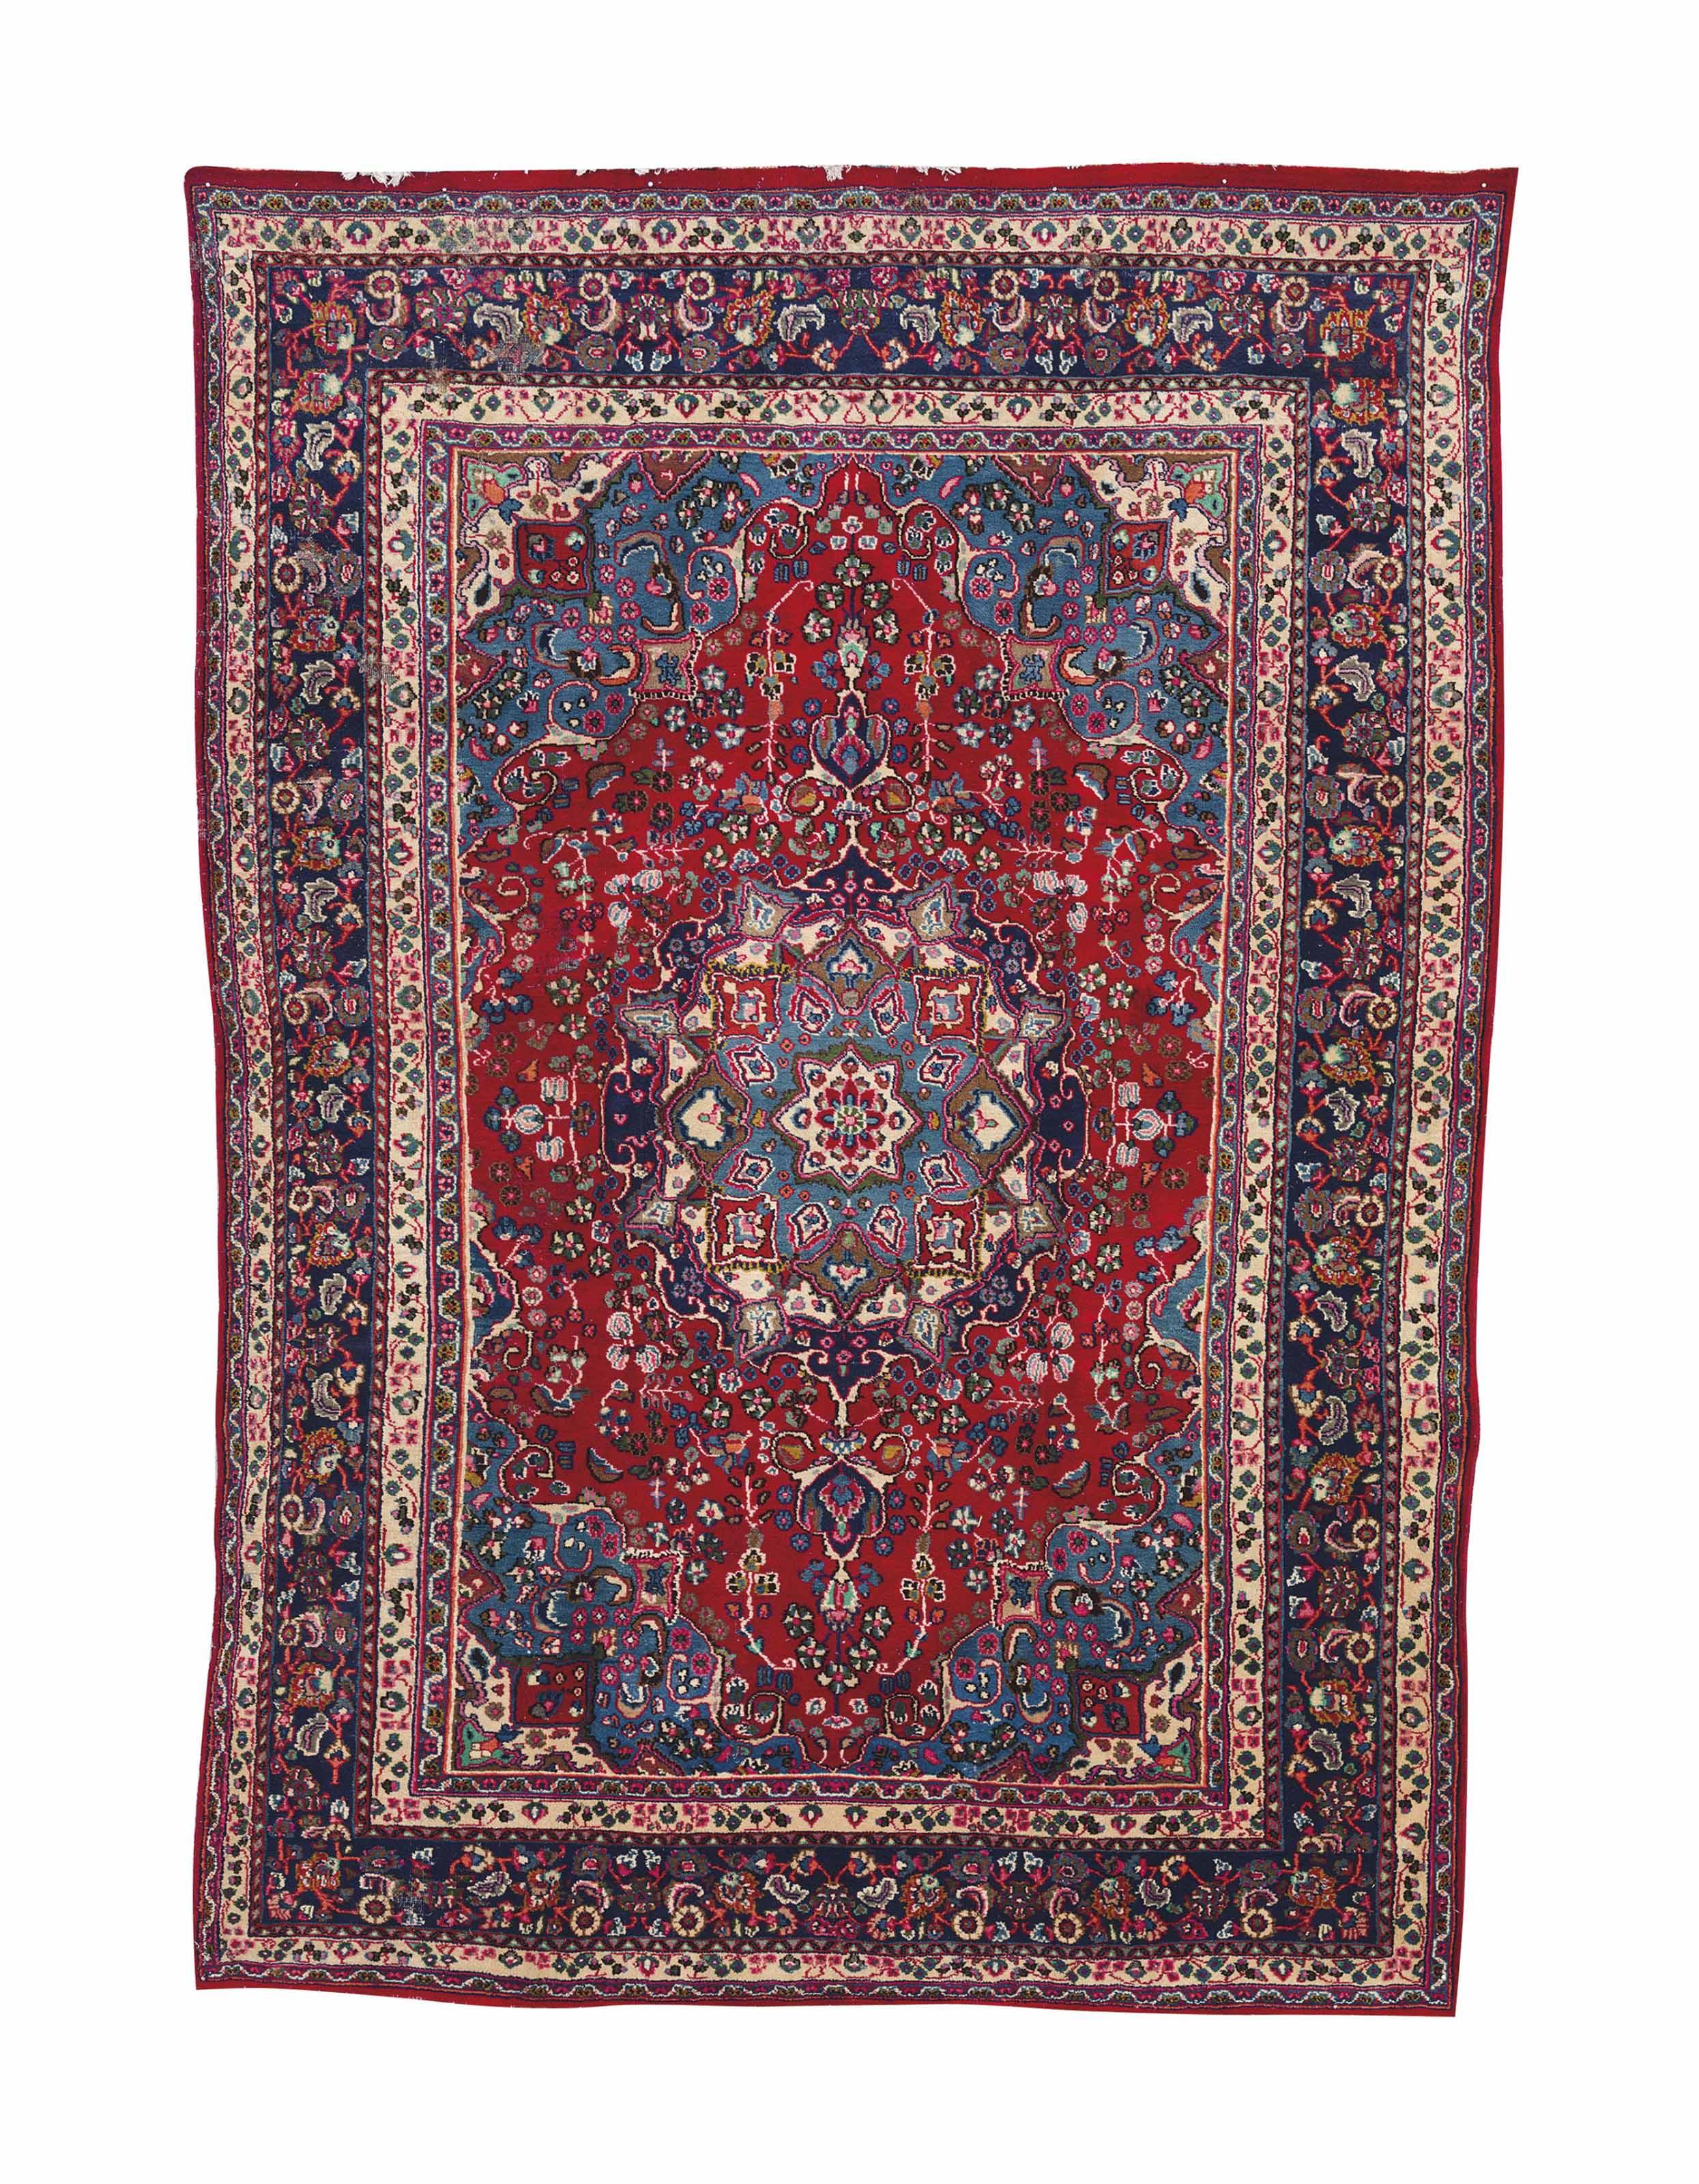 A PERSIAN CARPET,